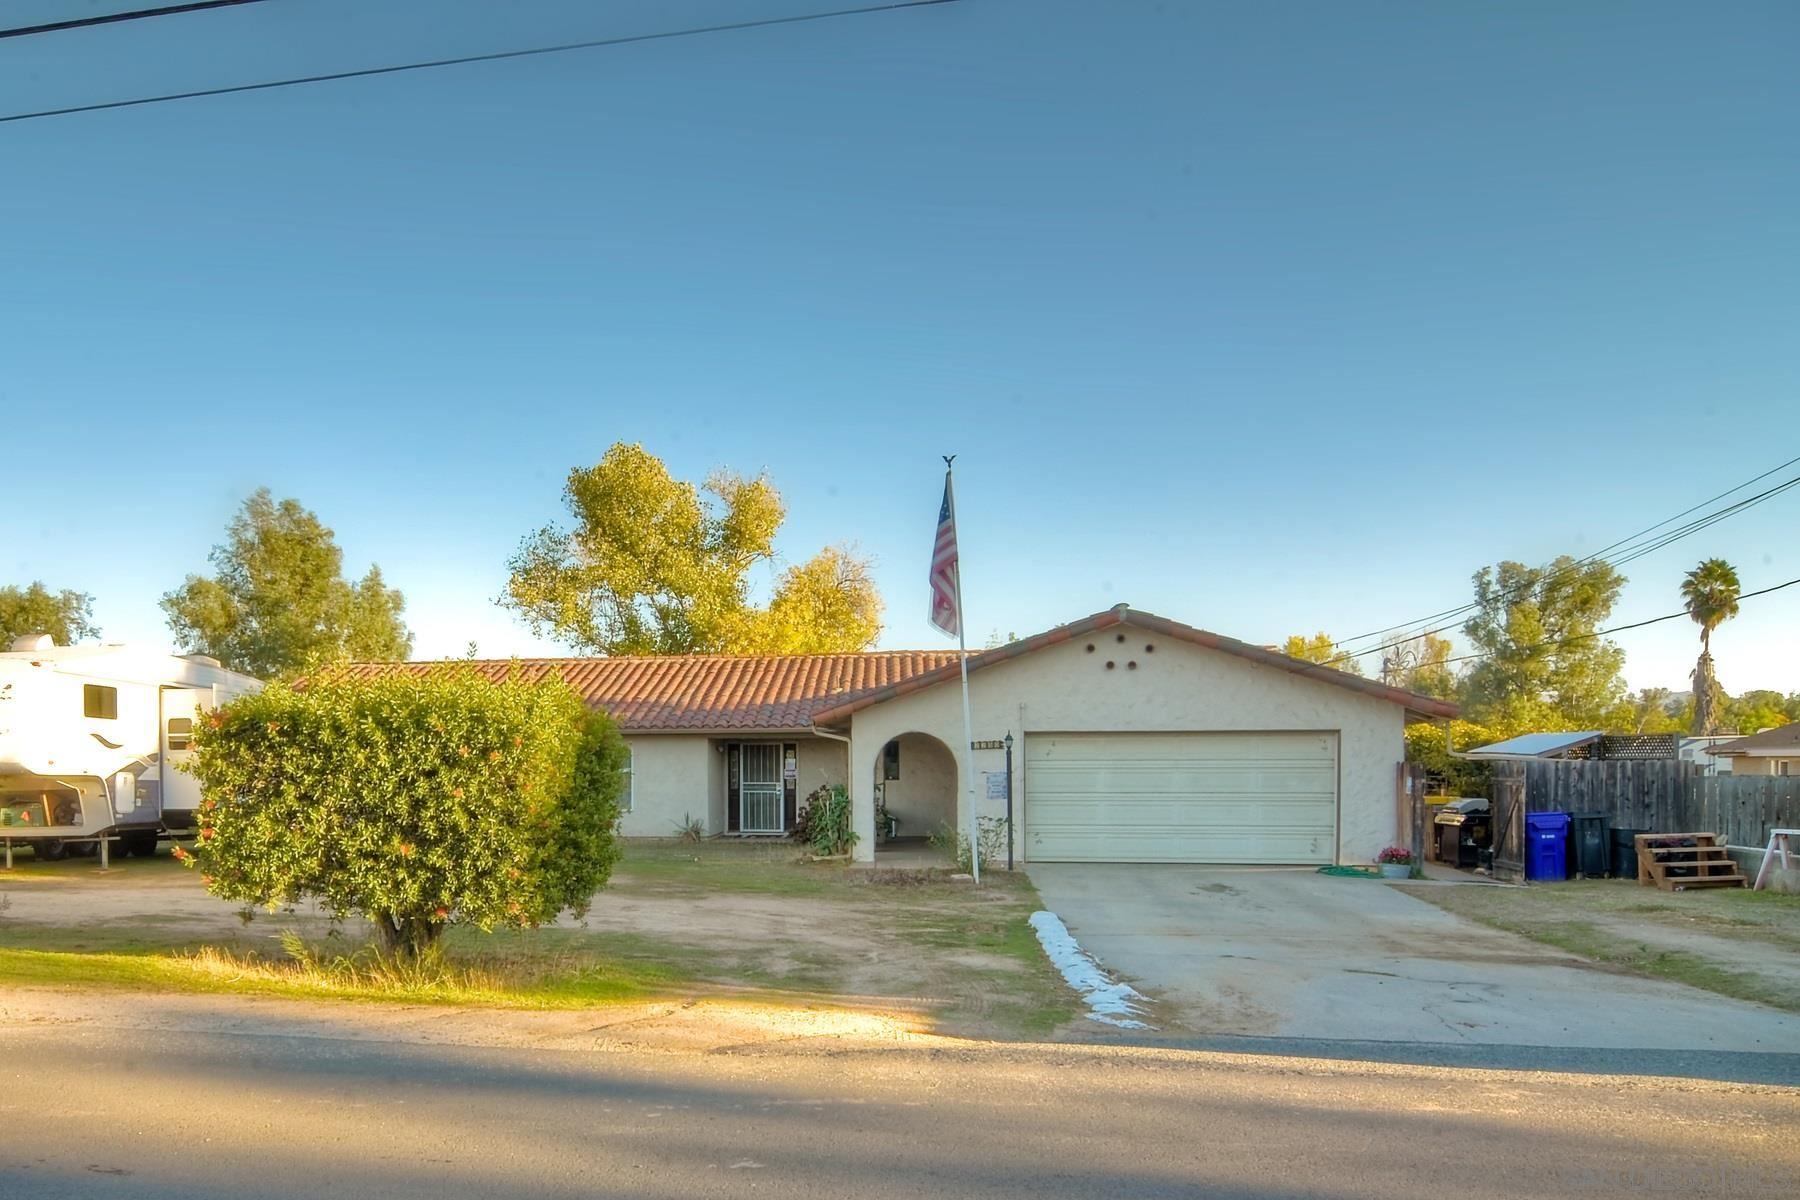 Photo of 2250 Raymond, Ramona, CA 92065 (MLS # 200051364)